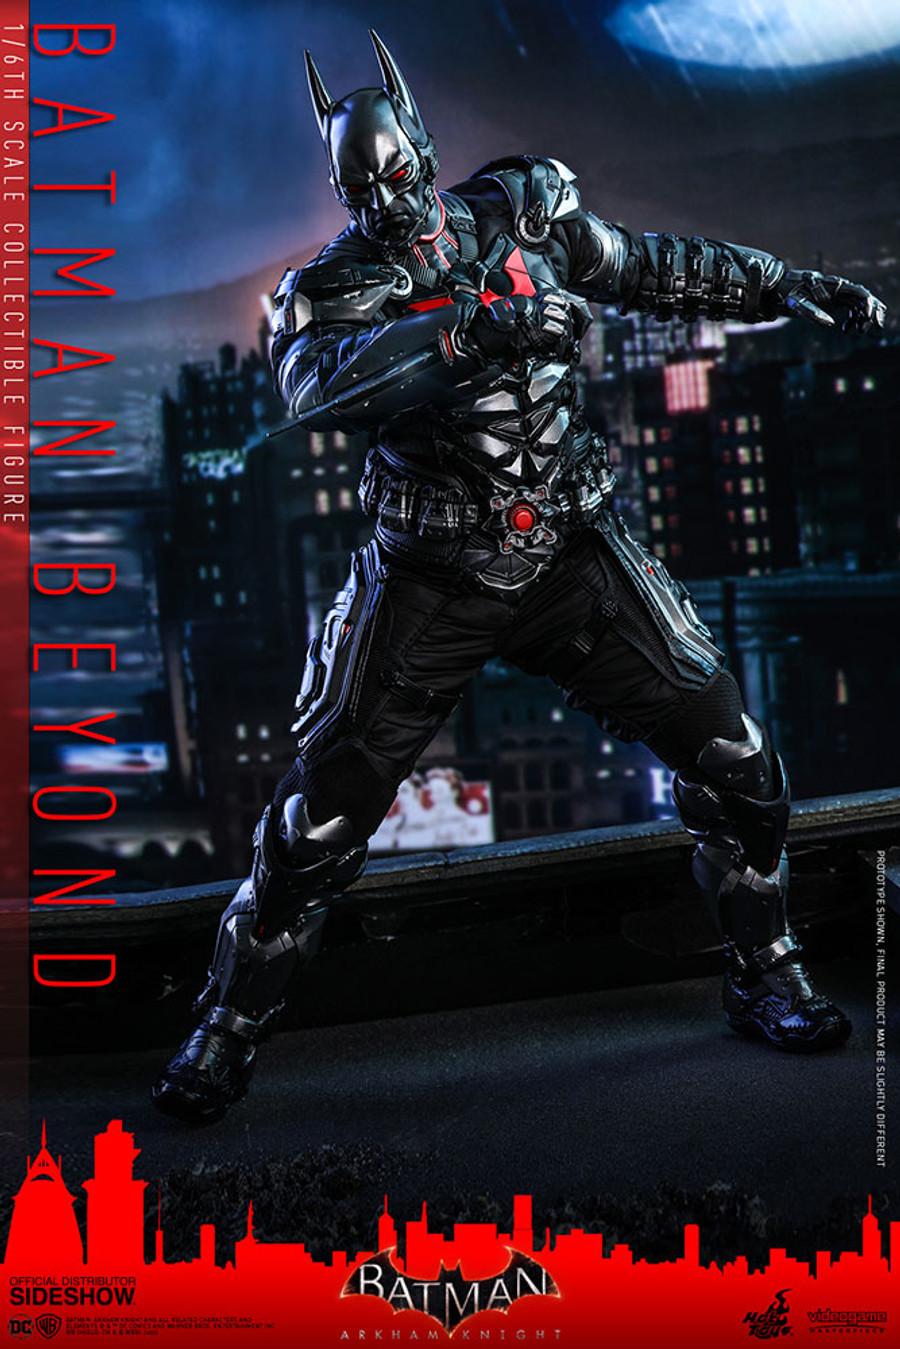 Hot Toys - Batman Arkham Knight - Batman Beyond